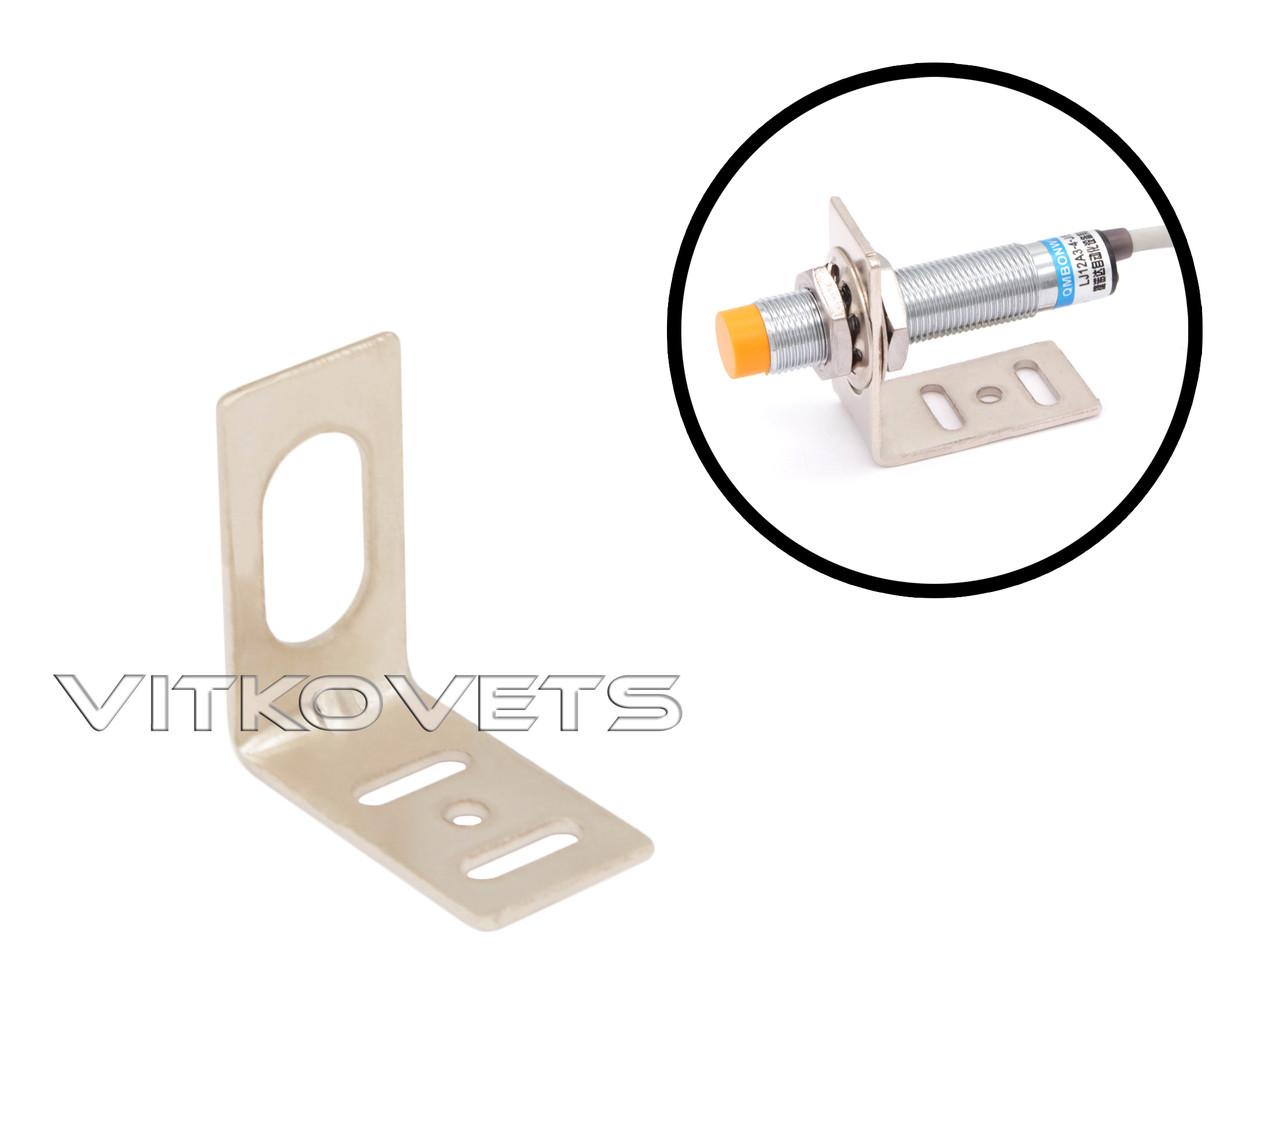 Кронштейн для крепления цилиндрического датчика с резьбой М12 (угловой)